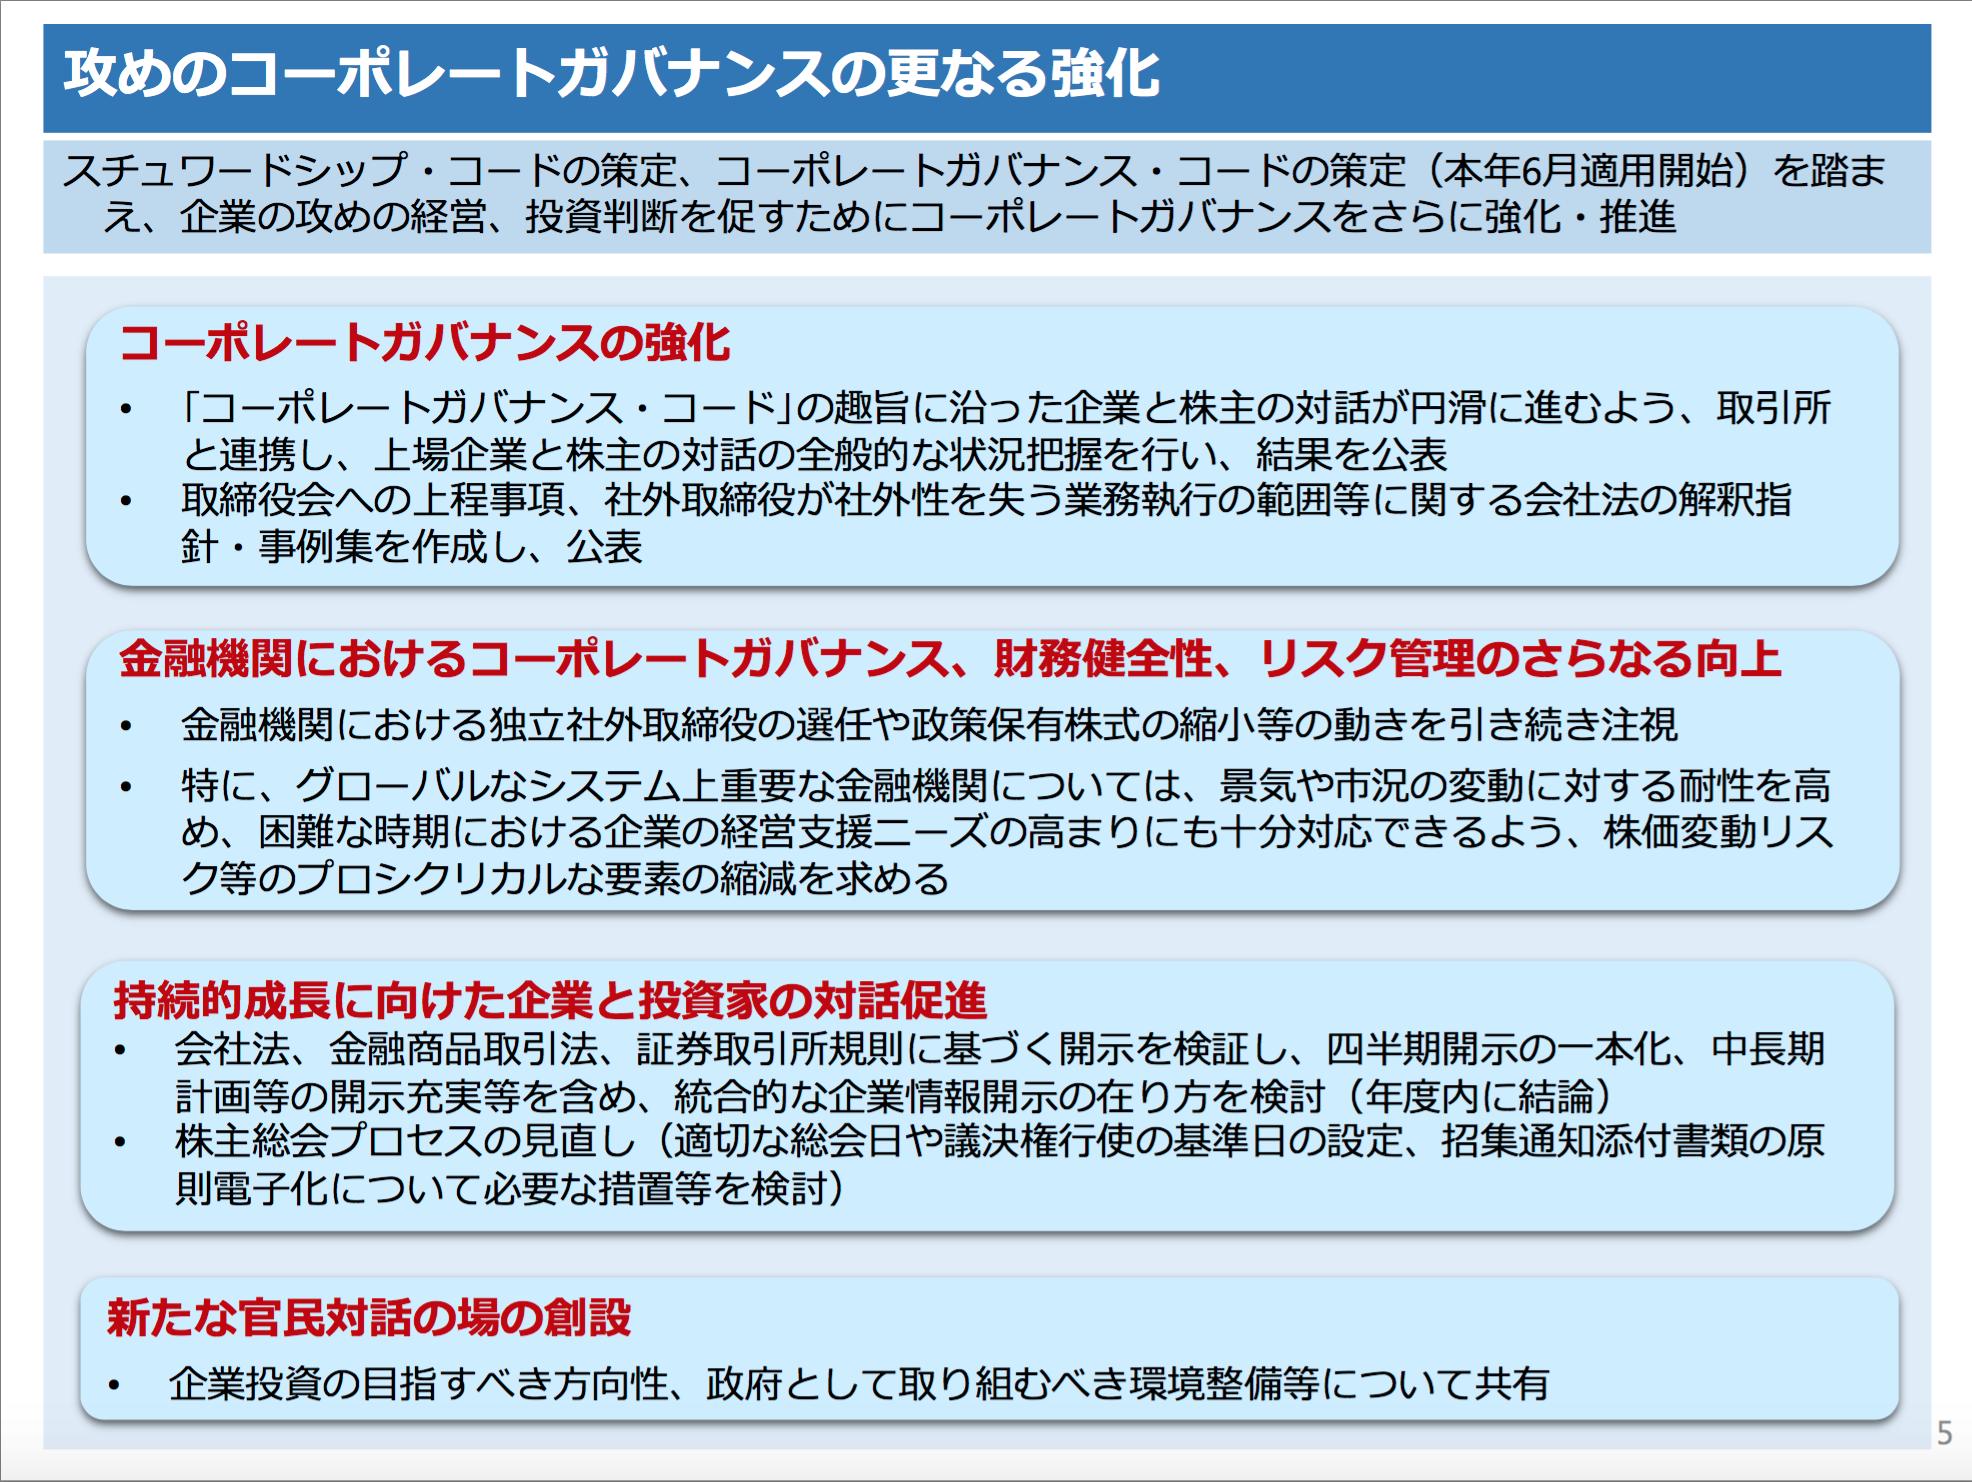 日本再興戦略2015ー5